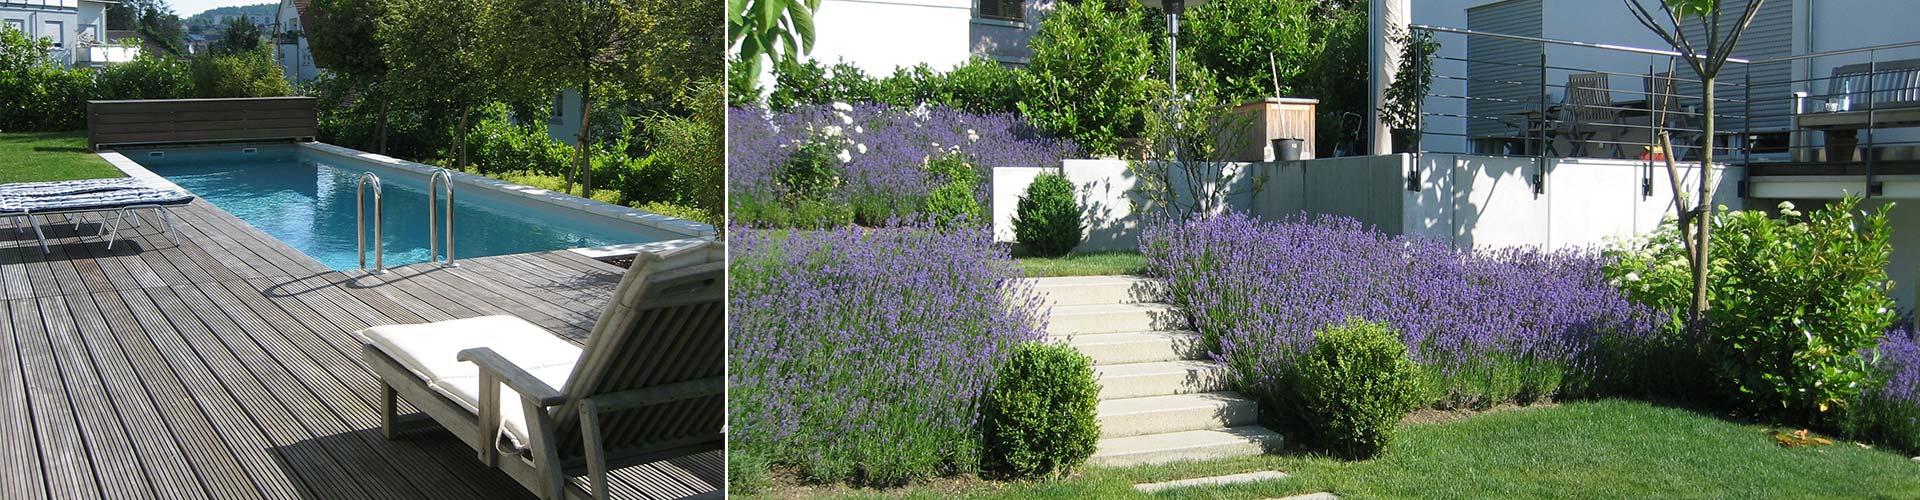 Garten umgestalten  Garten- und Außenanlagen - ProNatur Garten-& Landschaftsbau